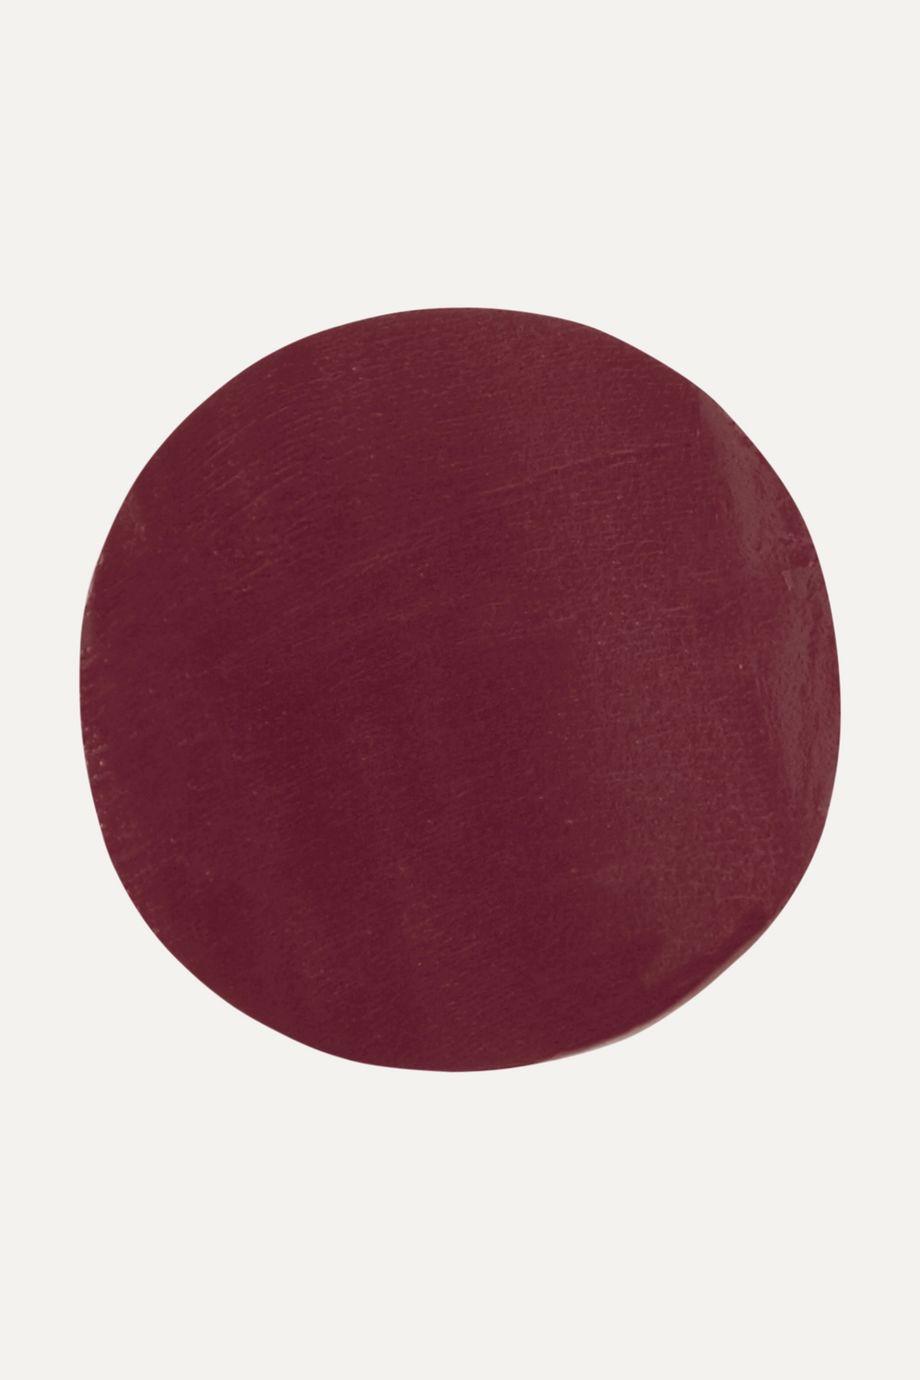 Kevyn Aucoin Rouge à lèvres The Expert, Bloodroses Noir